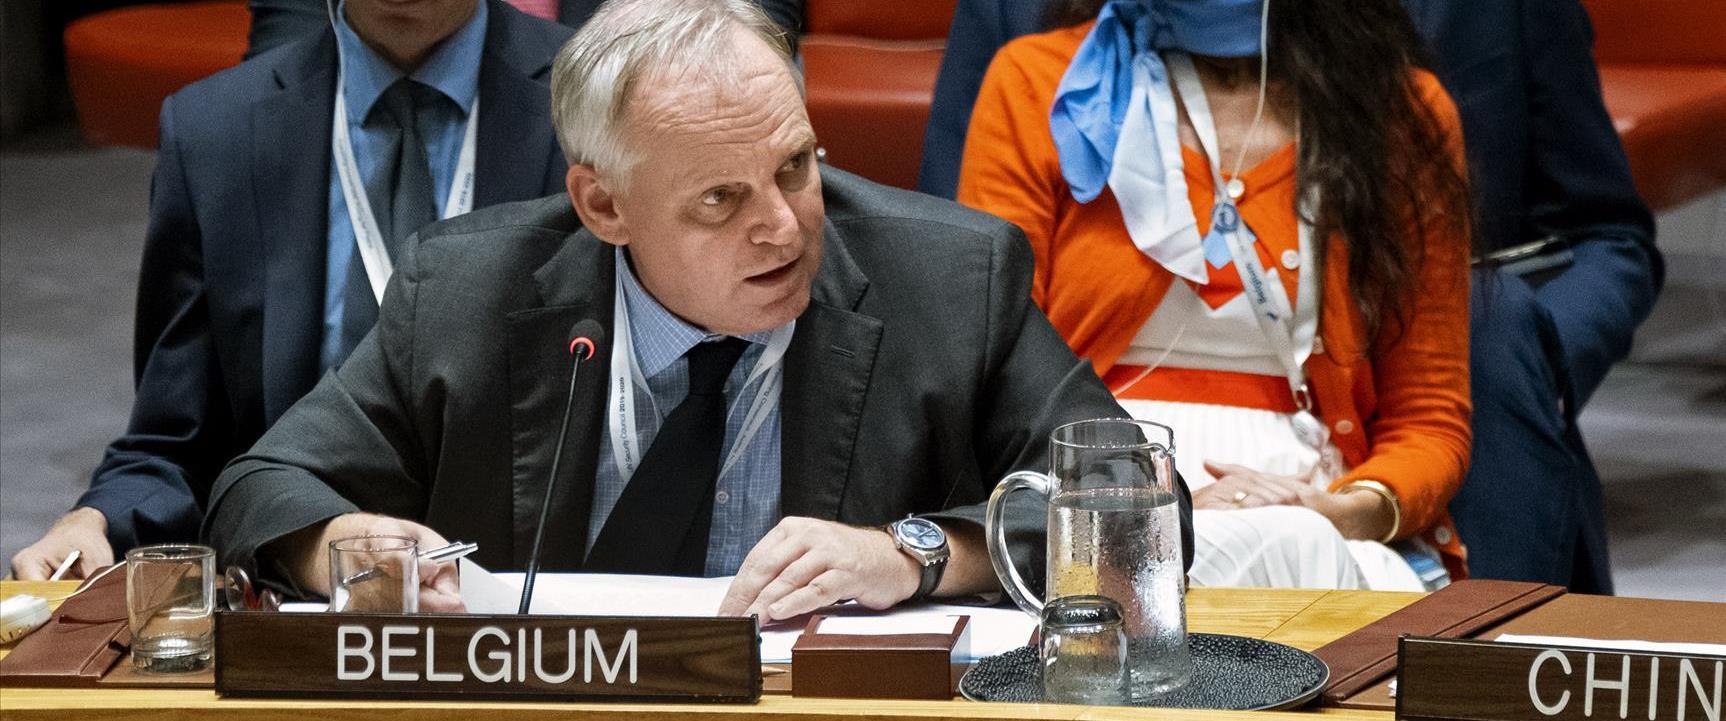 """נציג בלגיה באו""""ם"""